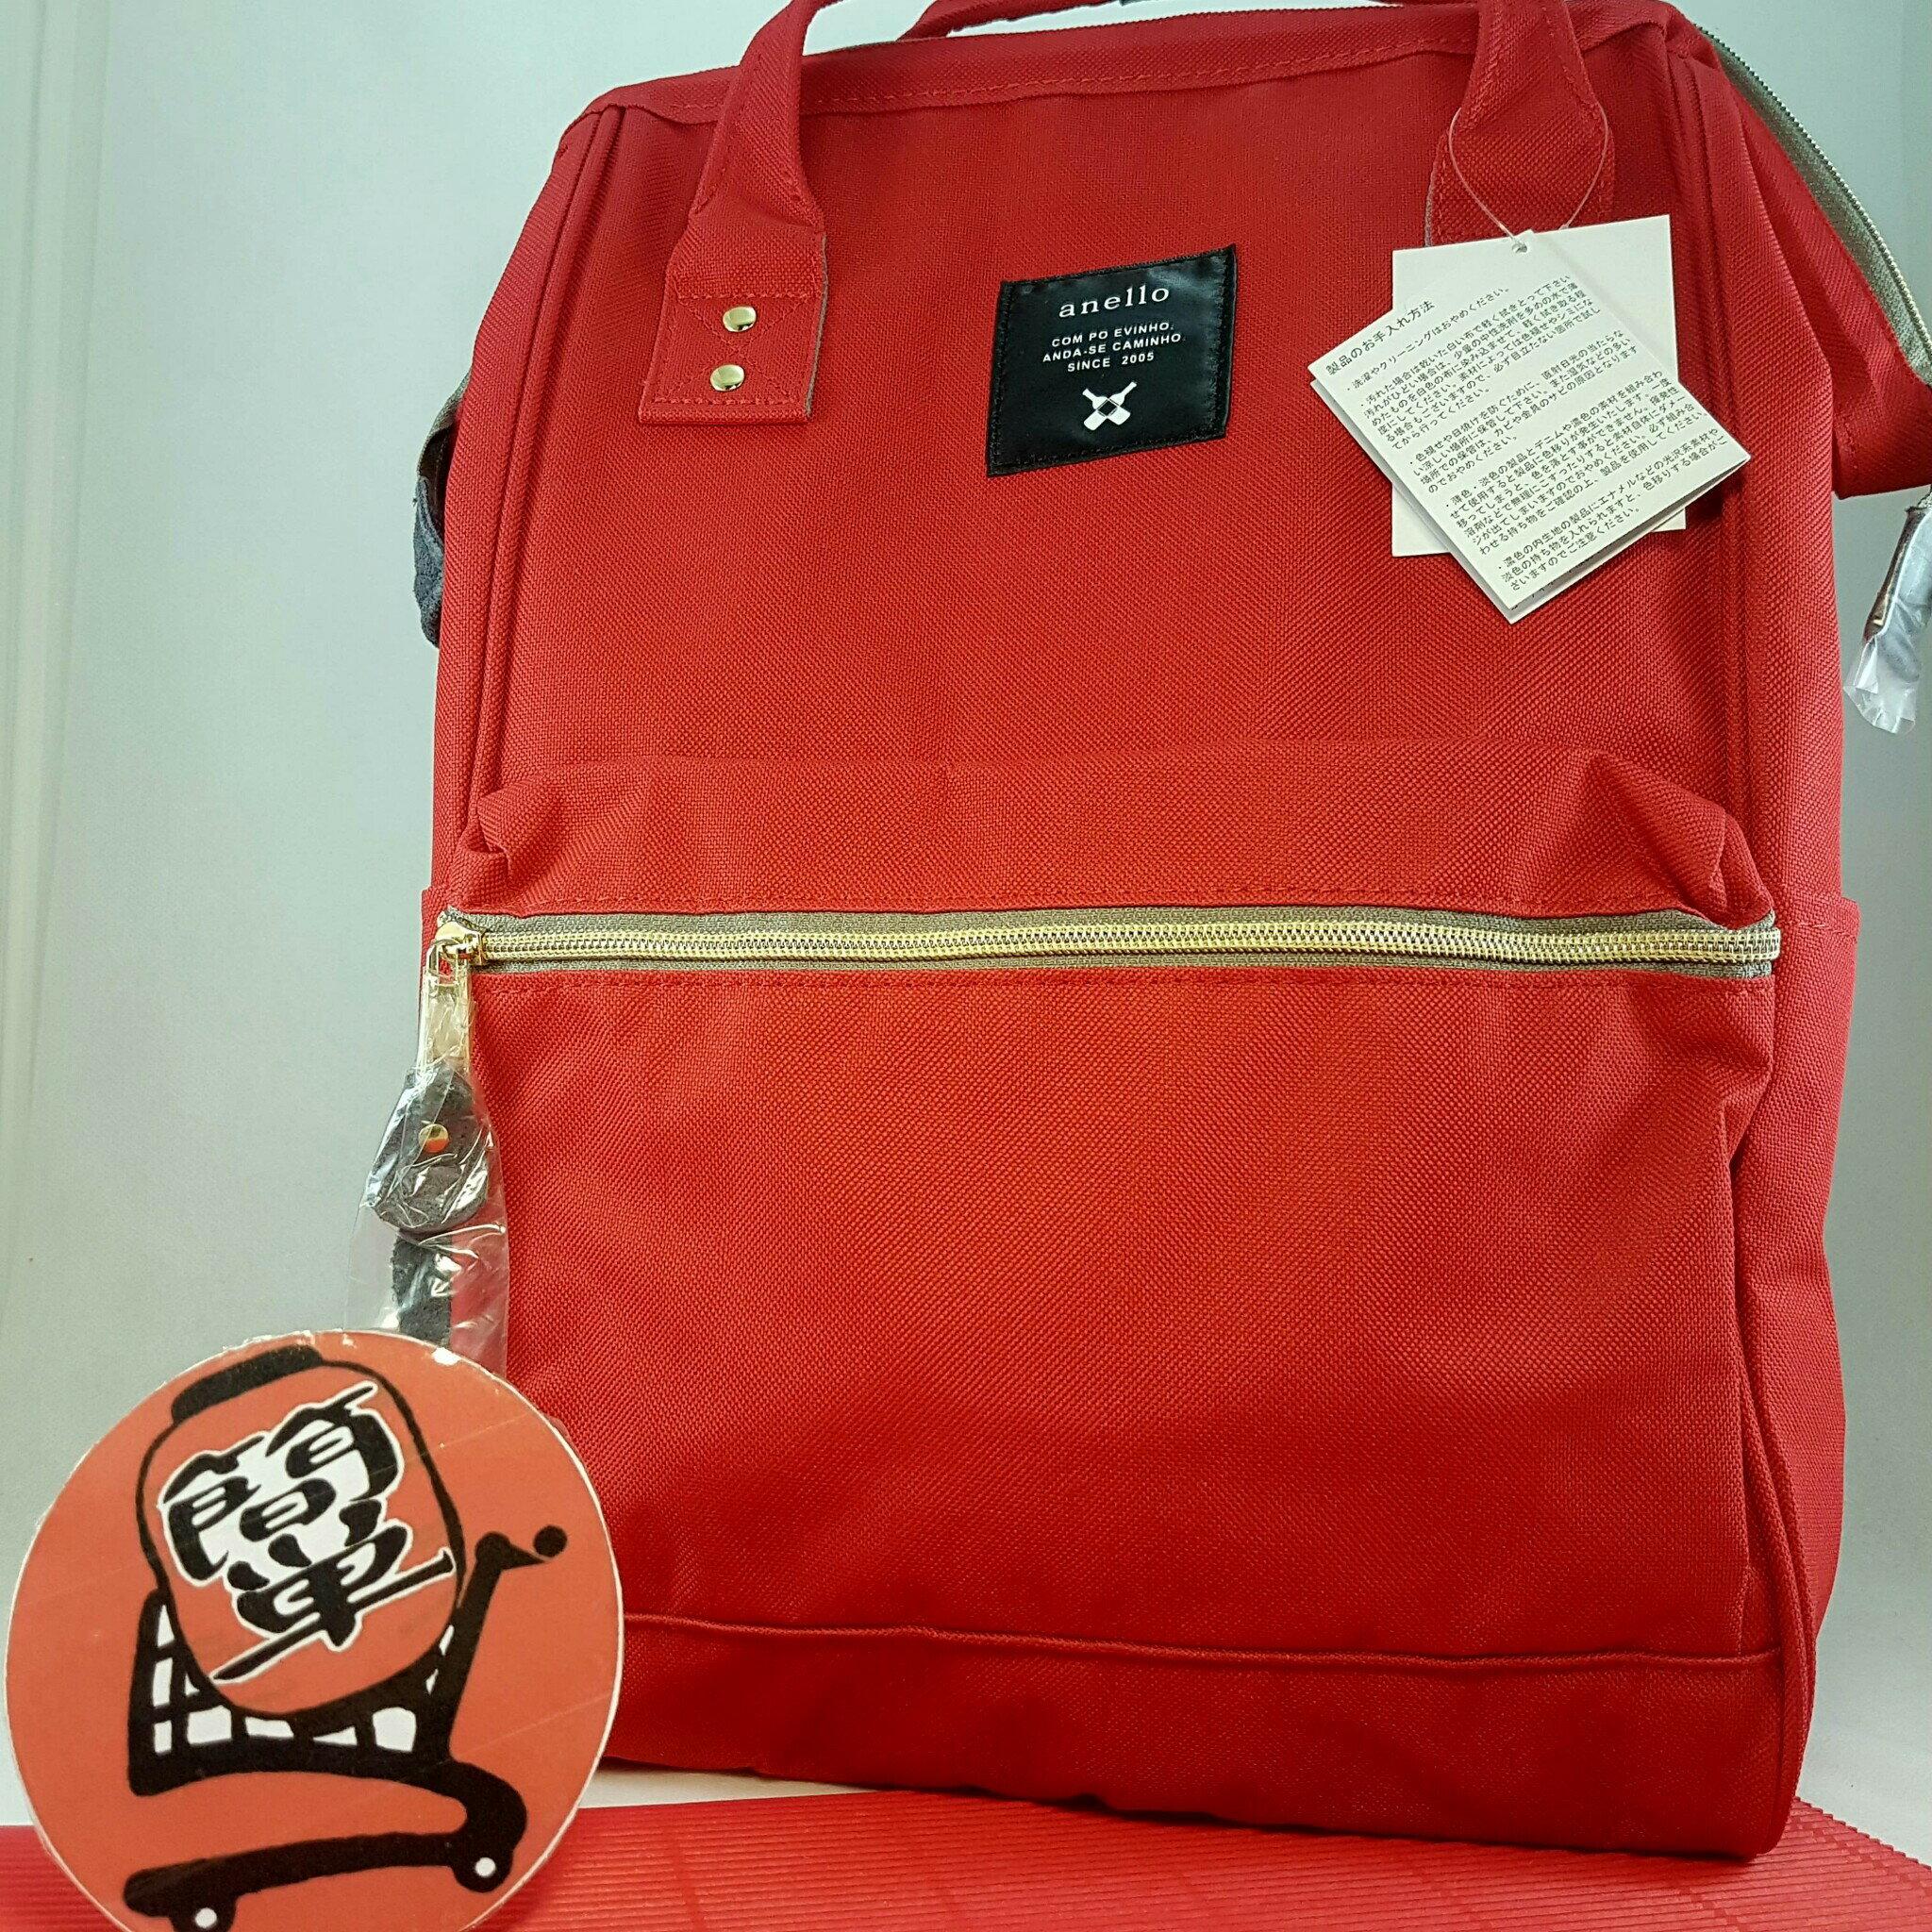 『簡?全球購』大尺寸款 RED大紅 anello 新款 皮質大開口後背包 皮製2WAY手提包超便利寬口包